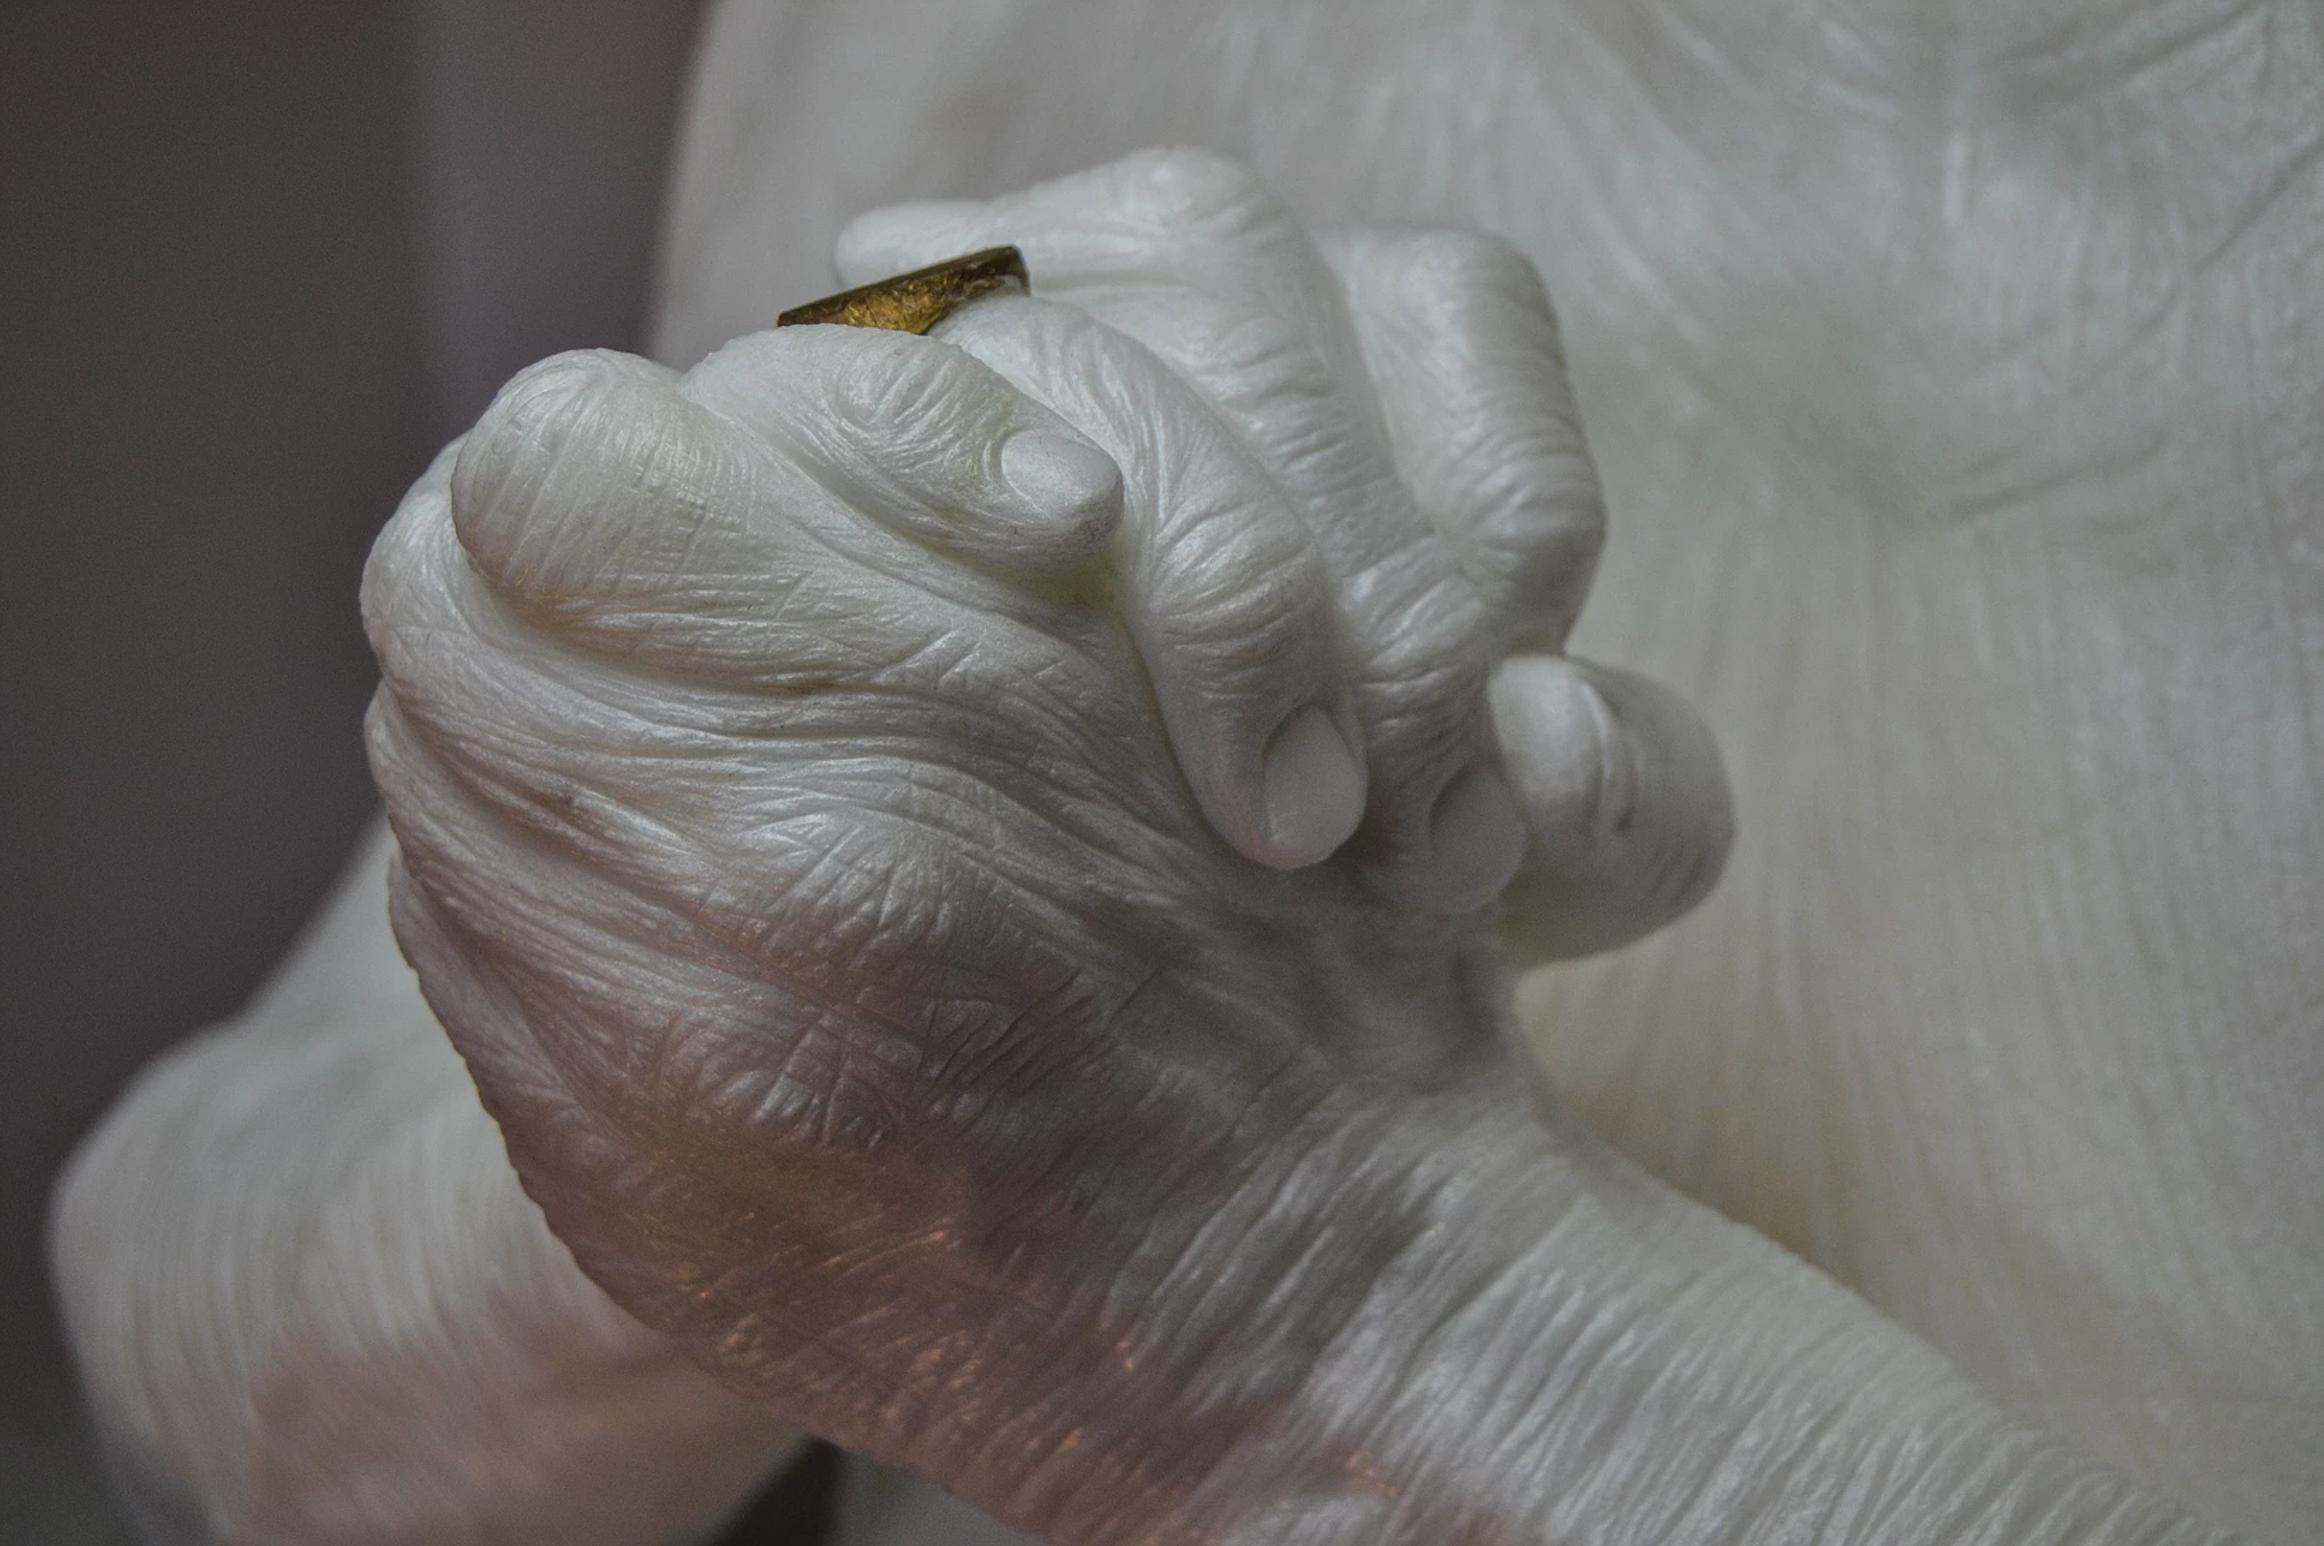 Le sculture di marmo di Jacopo Cardillo aka Jago | Collater.al